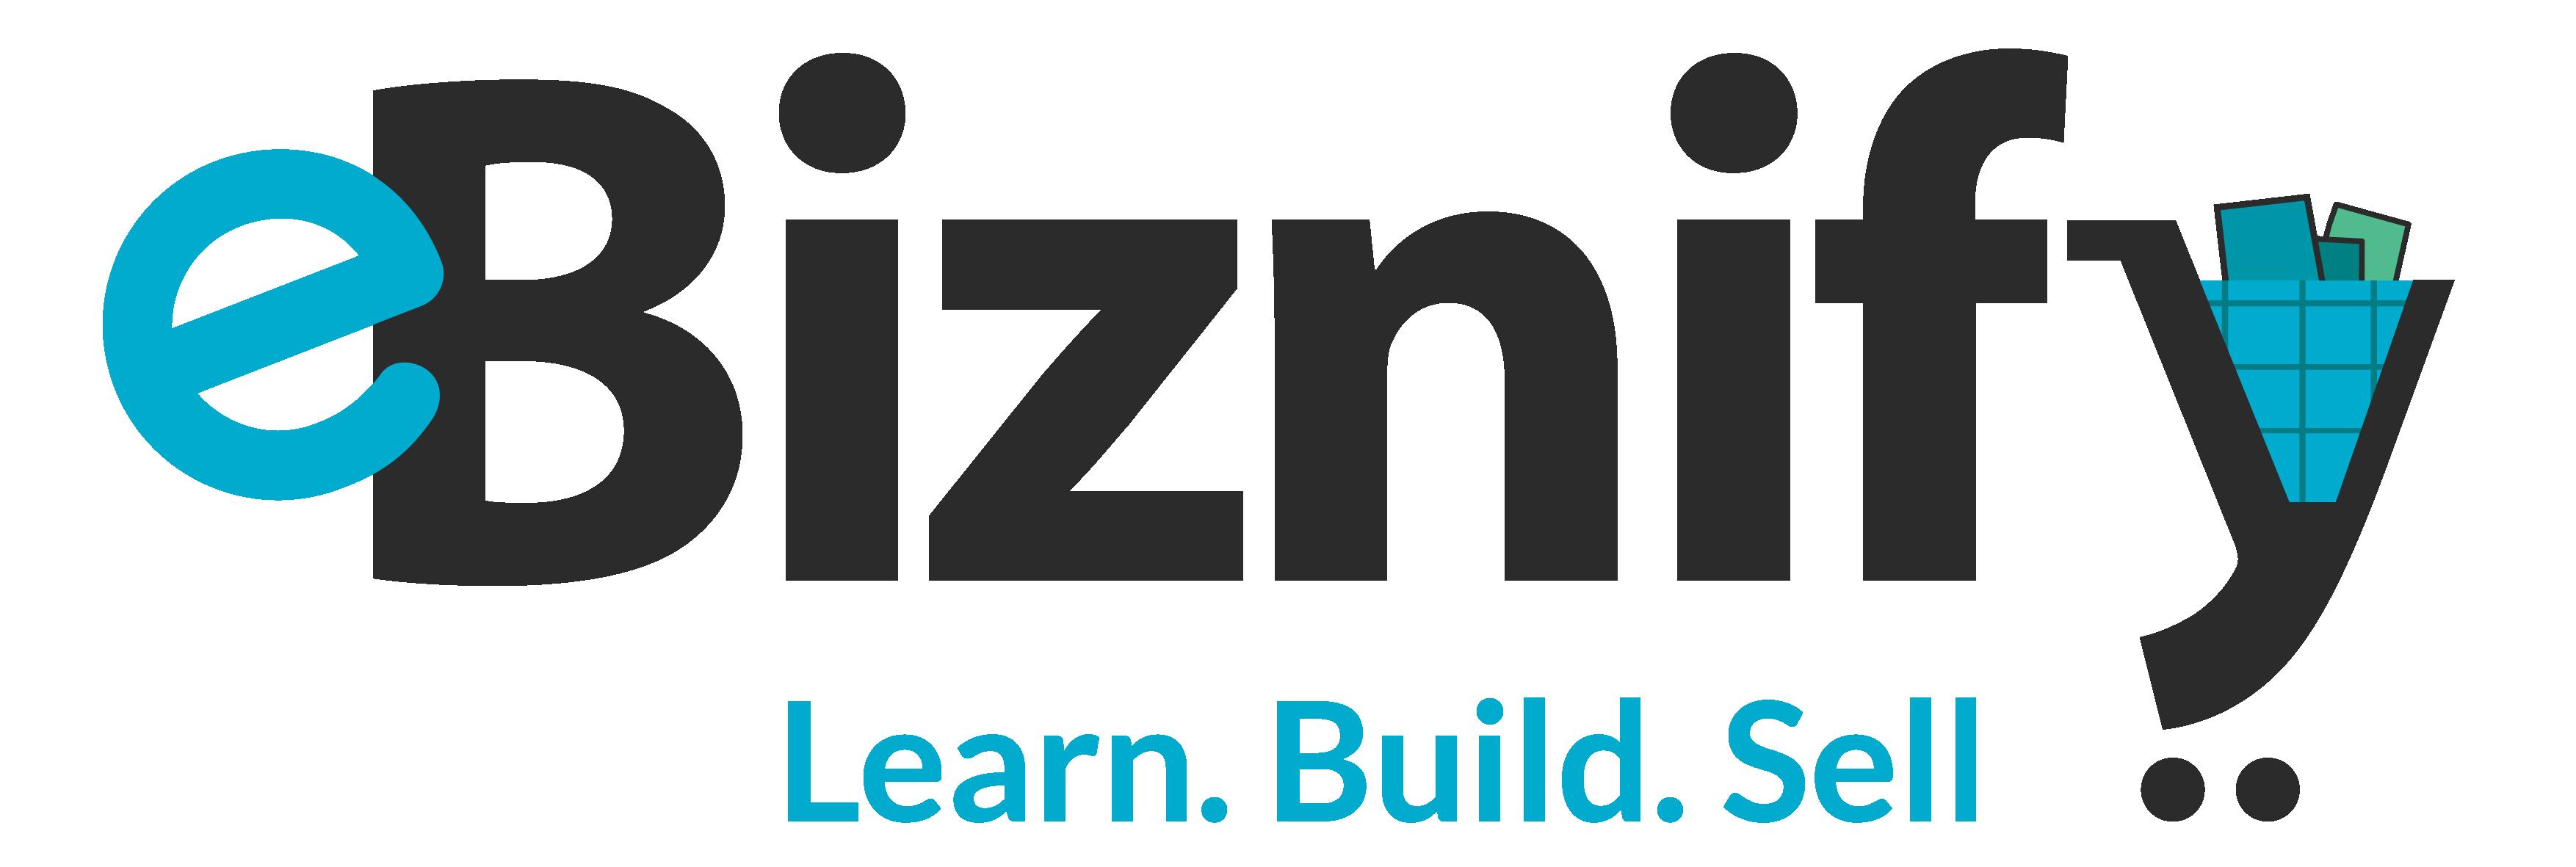 eBiznify-logo